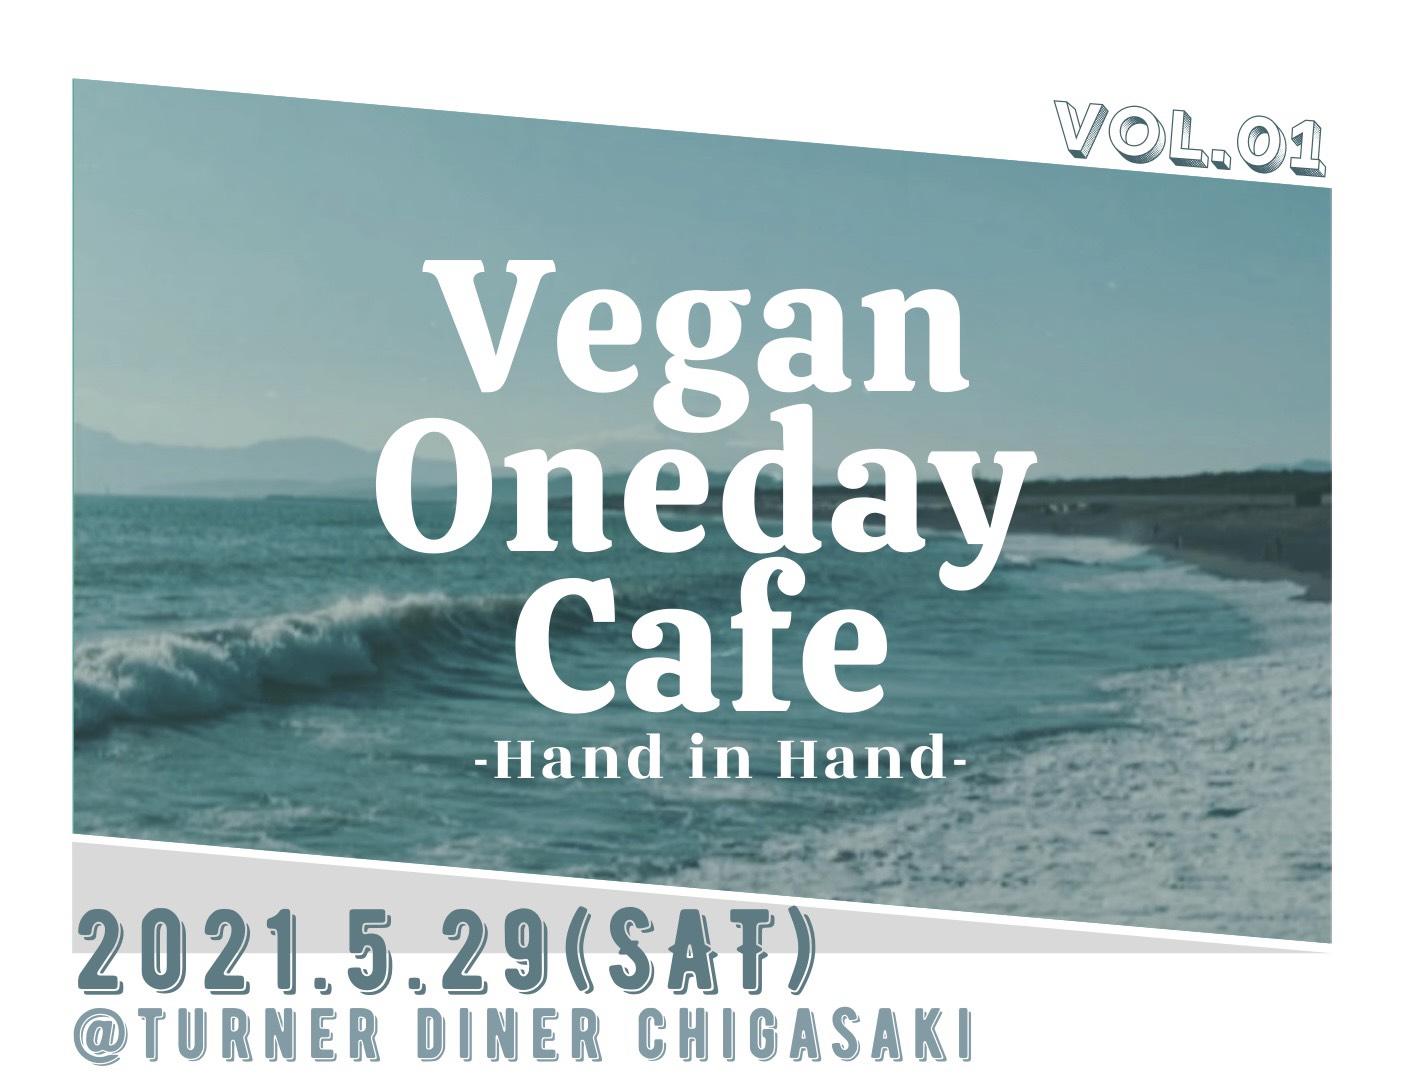 """大人も子どもも皆で集い、""""地球""""について考える1日を過ごそう。Vegan Oneday Cafe vol.1 TURNER DINER茅ヶ..."""